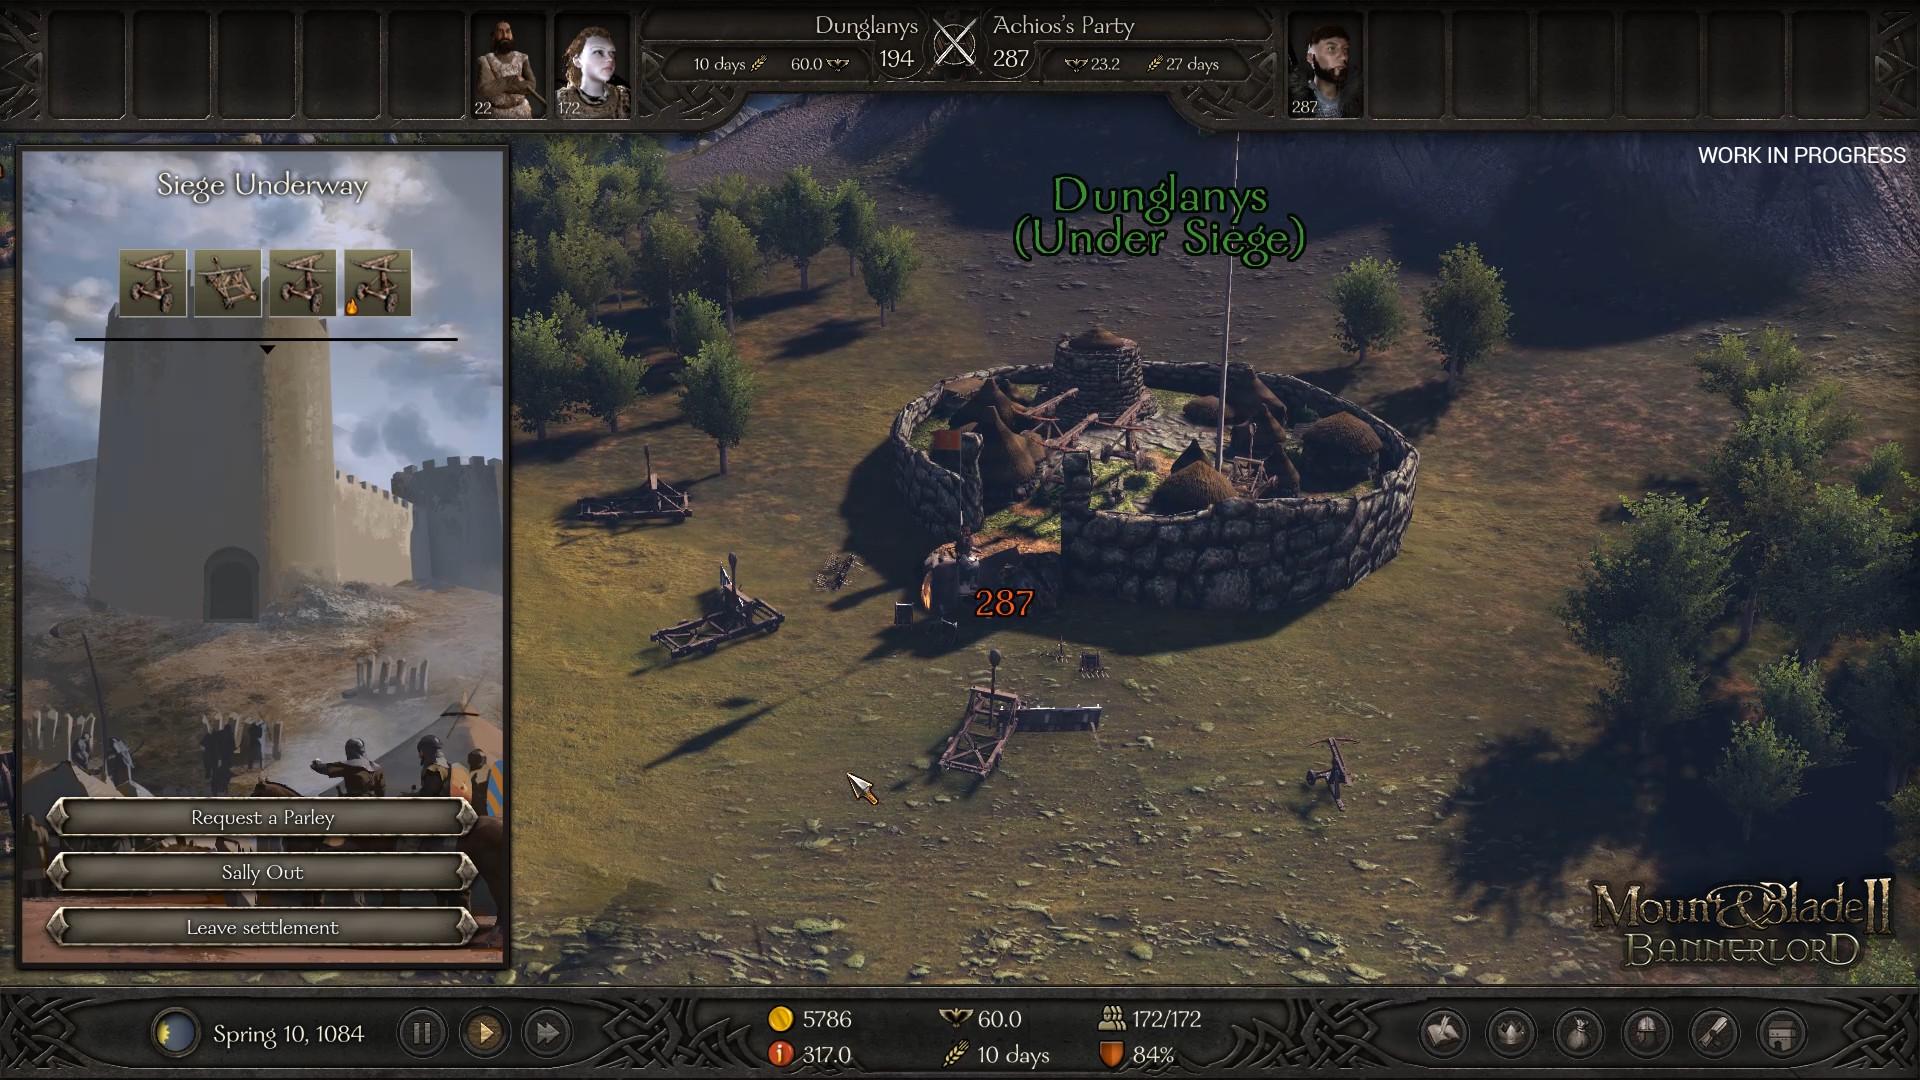 Toda la información sobre Mount & Blade 2 Bannerlord Ss_2ccb9e4f0972d4b25010e3e294ca0eb26e6fed42.1920x1080